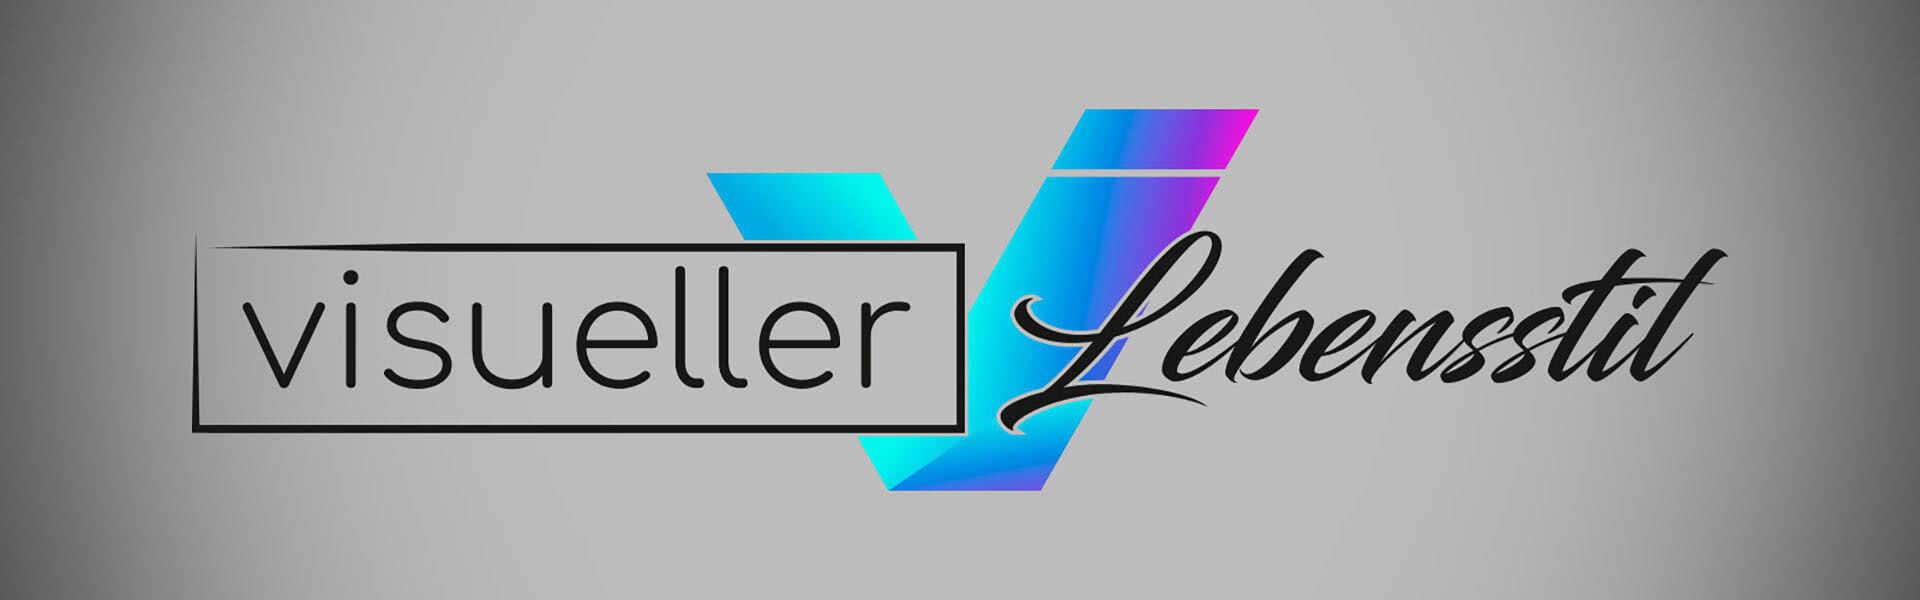 visueller_lebensstil_V logo